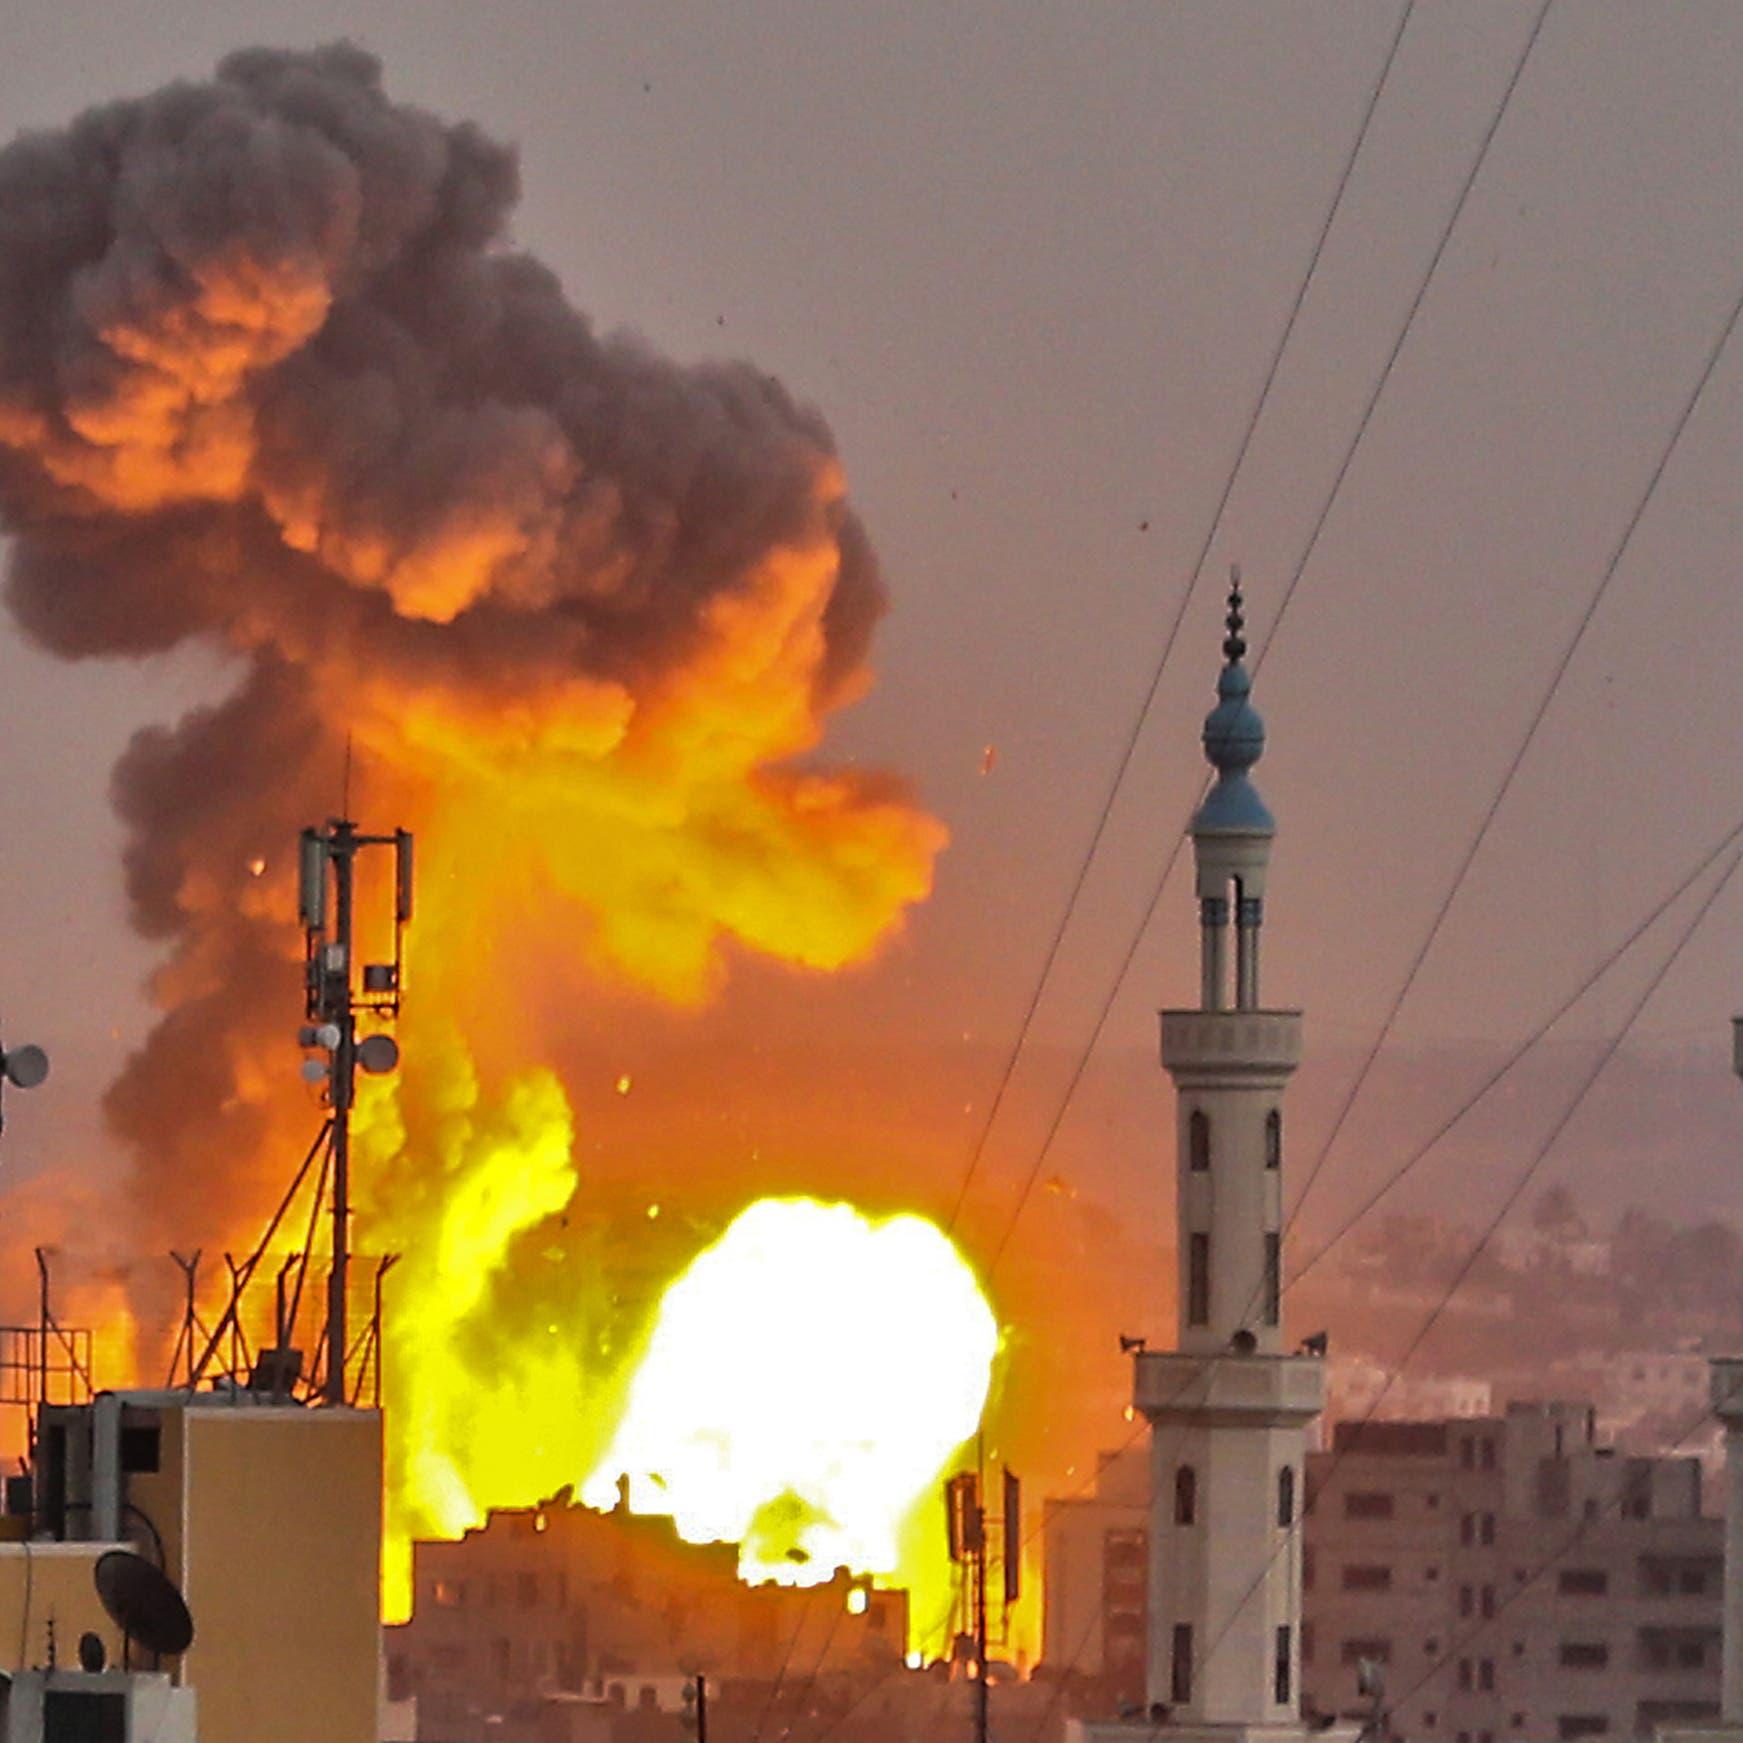 عودة الهدوء إلى غزة بجهود مصرية وأممية